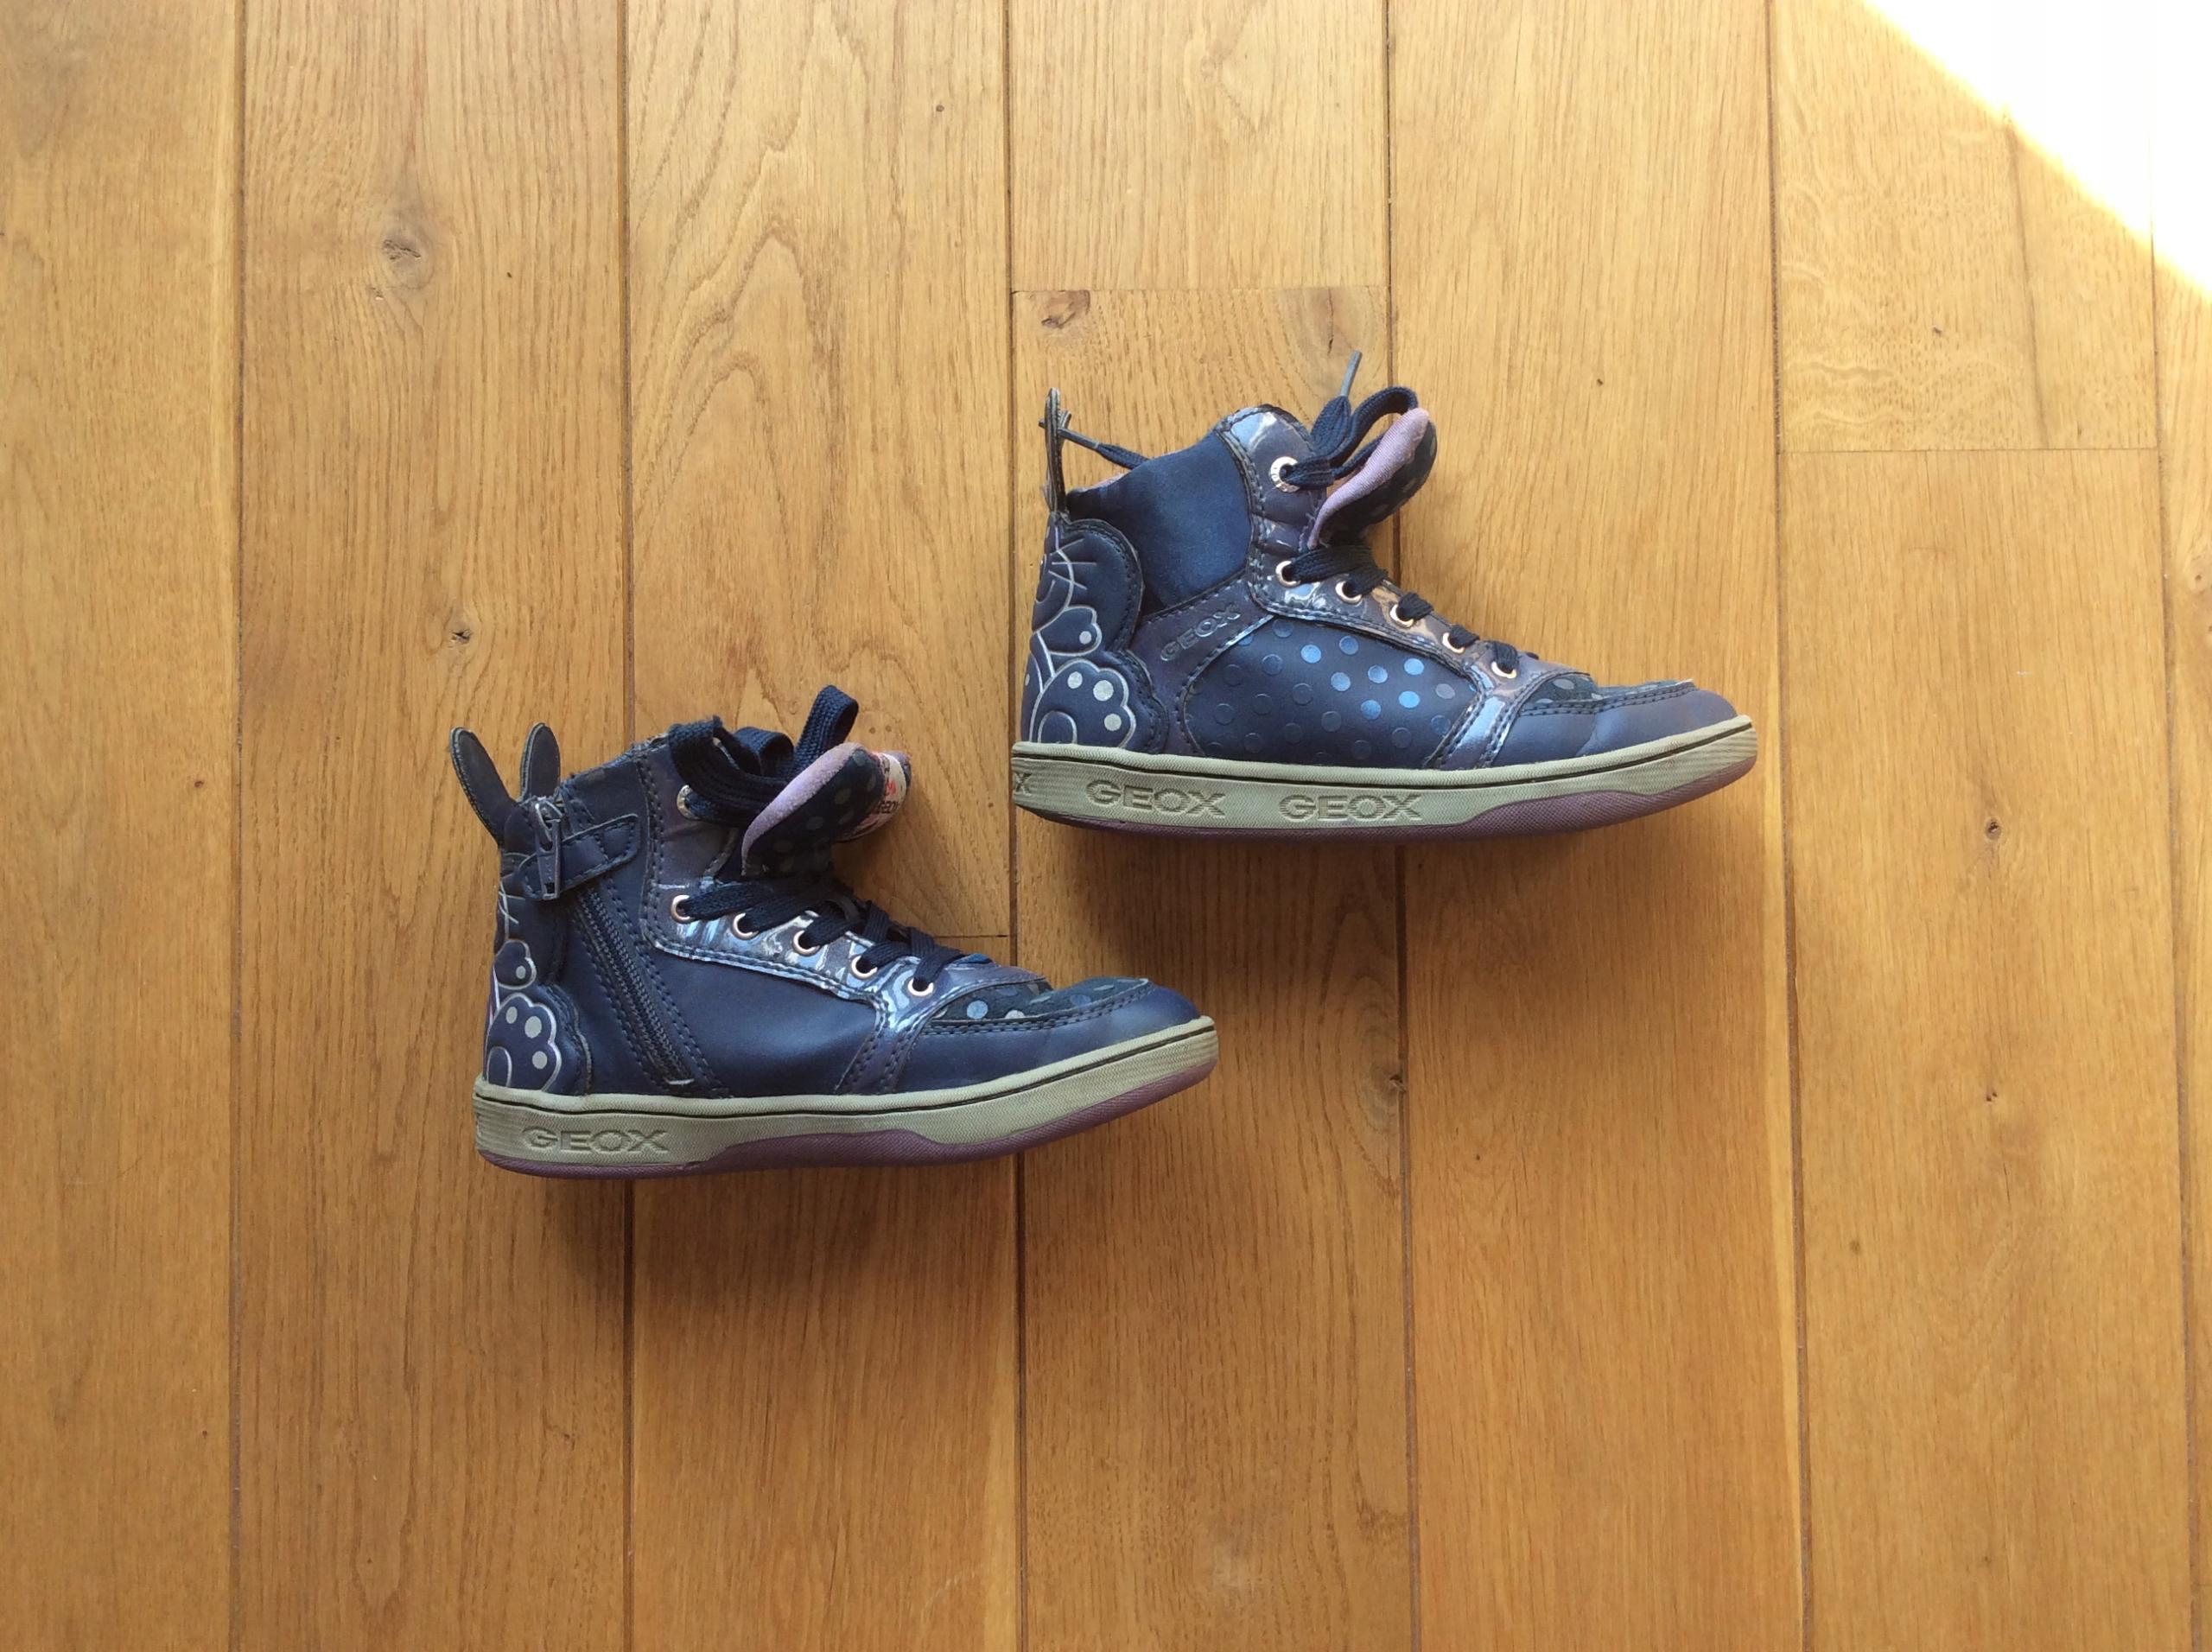 Buty geox granatowe dziewczynka 32 z zajączkiem